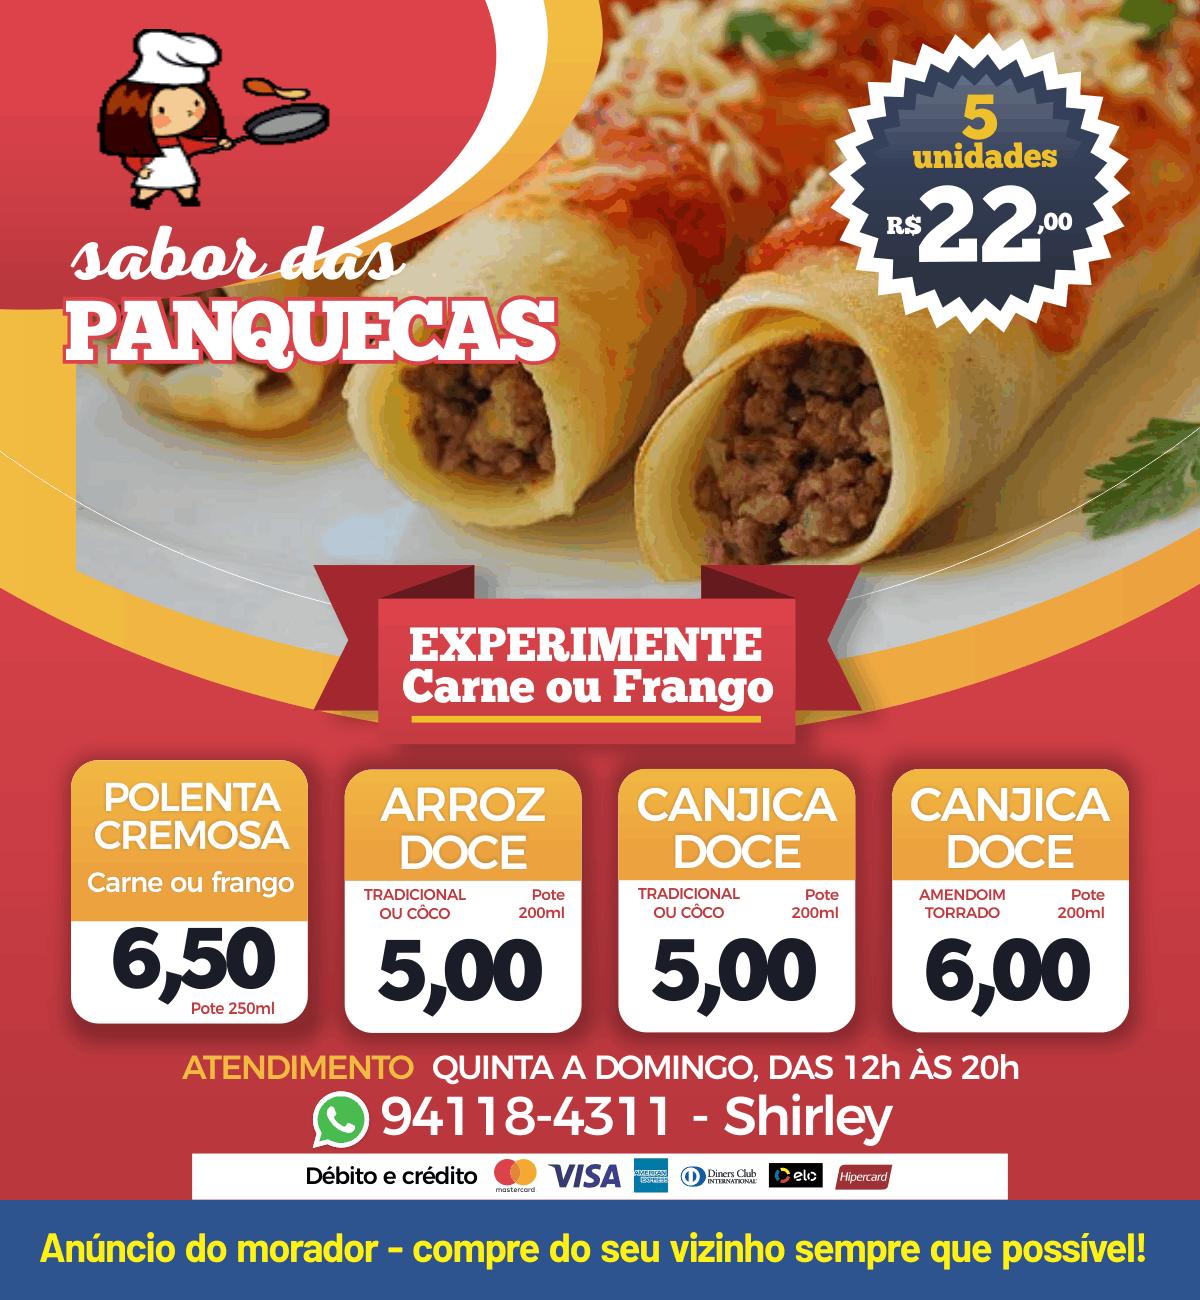 SABOR DA PANQUECA.png